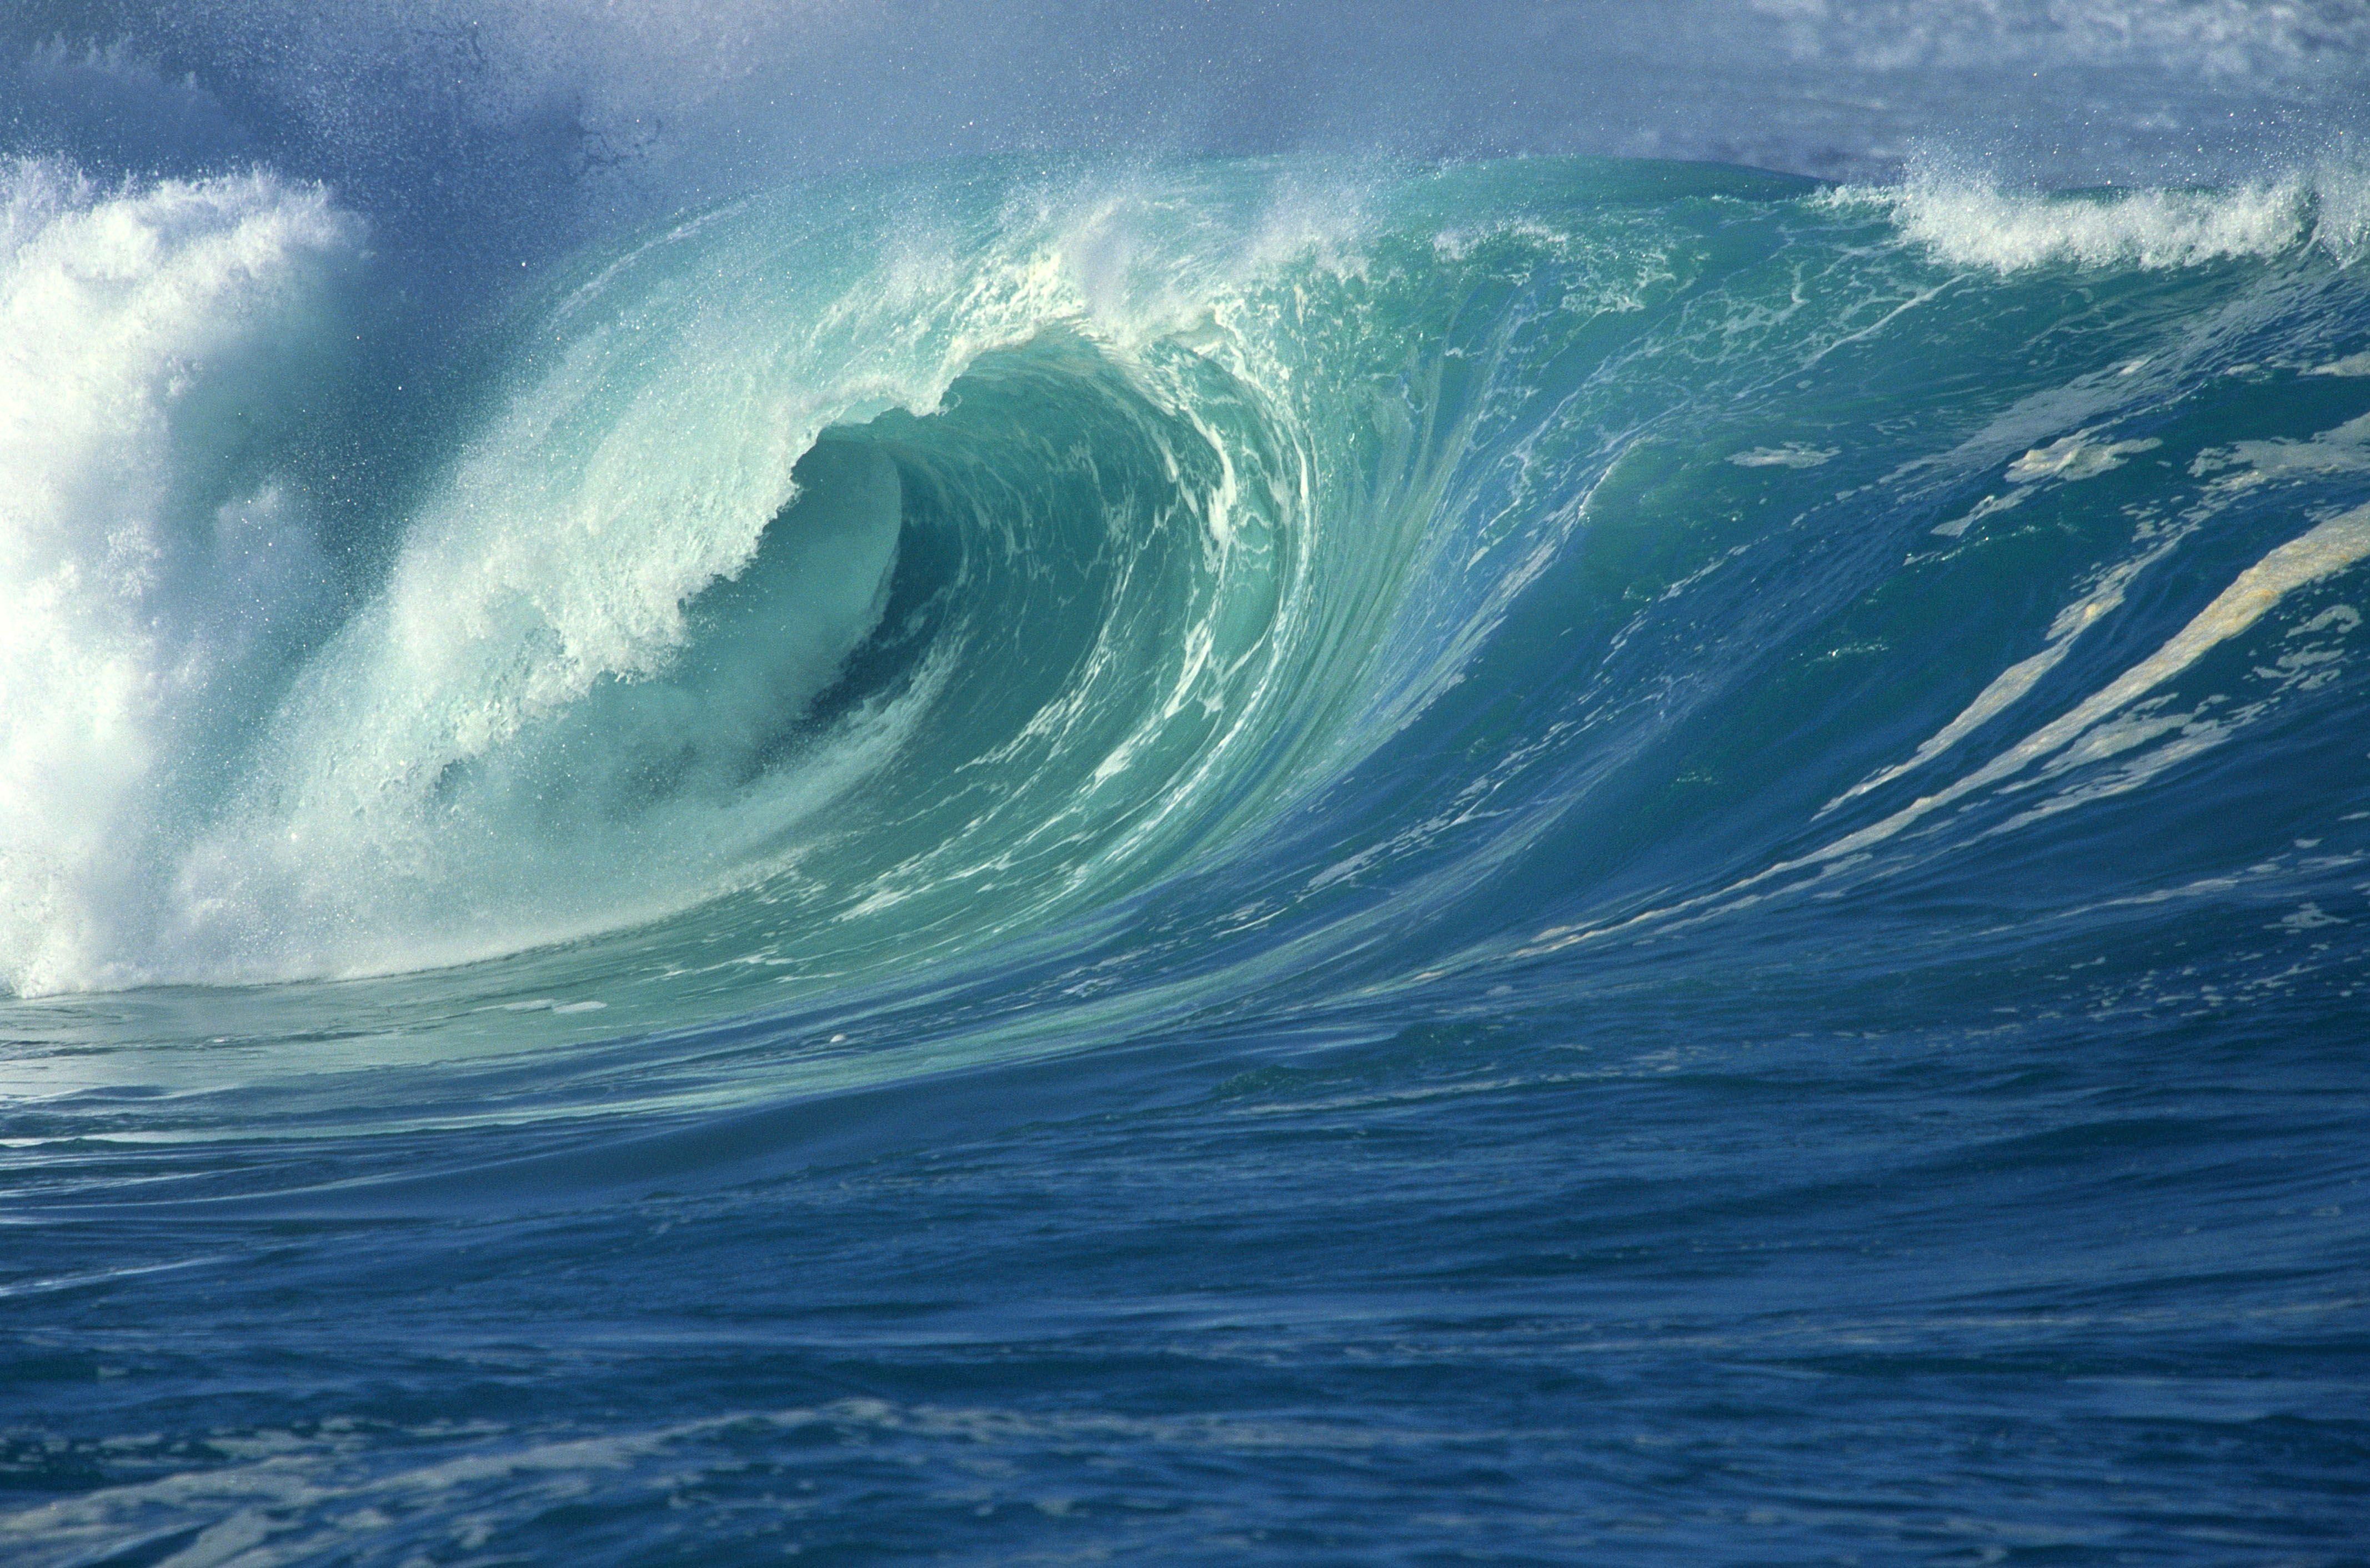 Scaricare gli sfondi mare oceano onde schiuma sfondi for Sfondi desktop tramonti mare